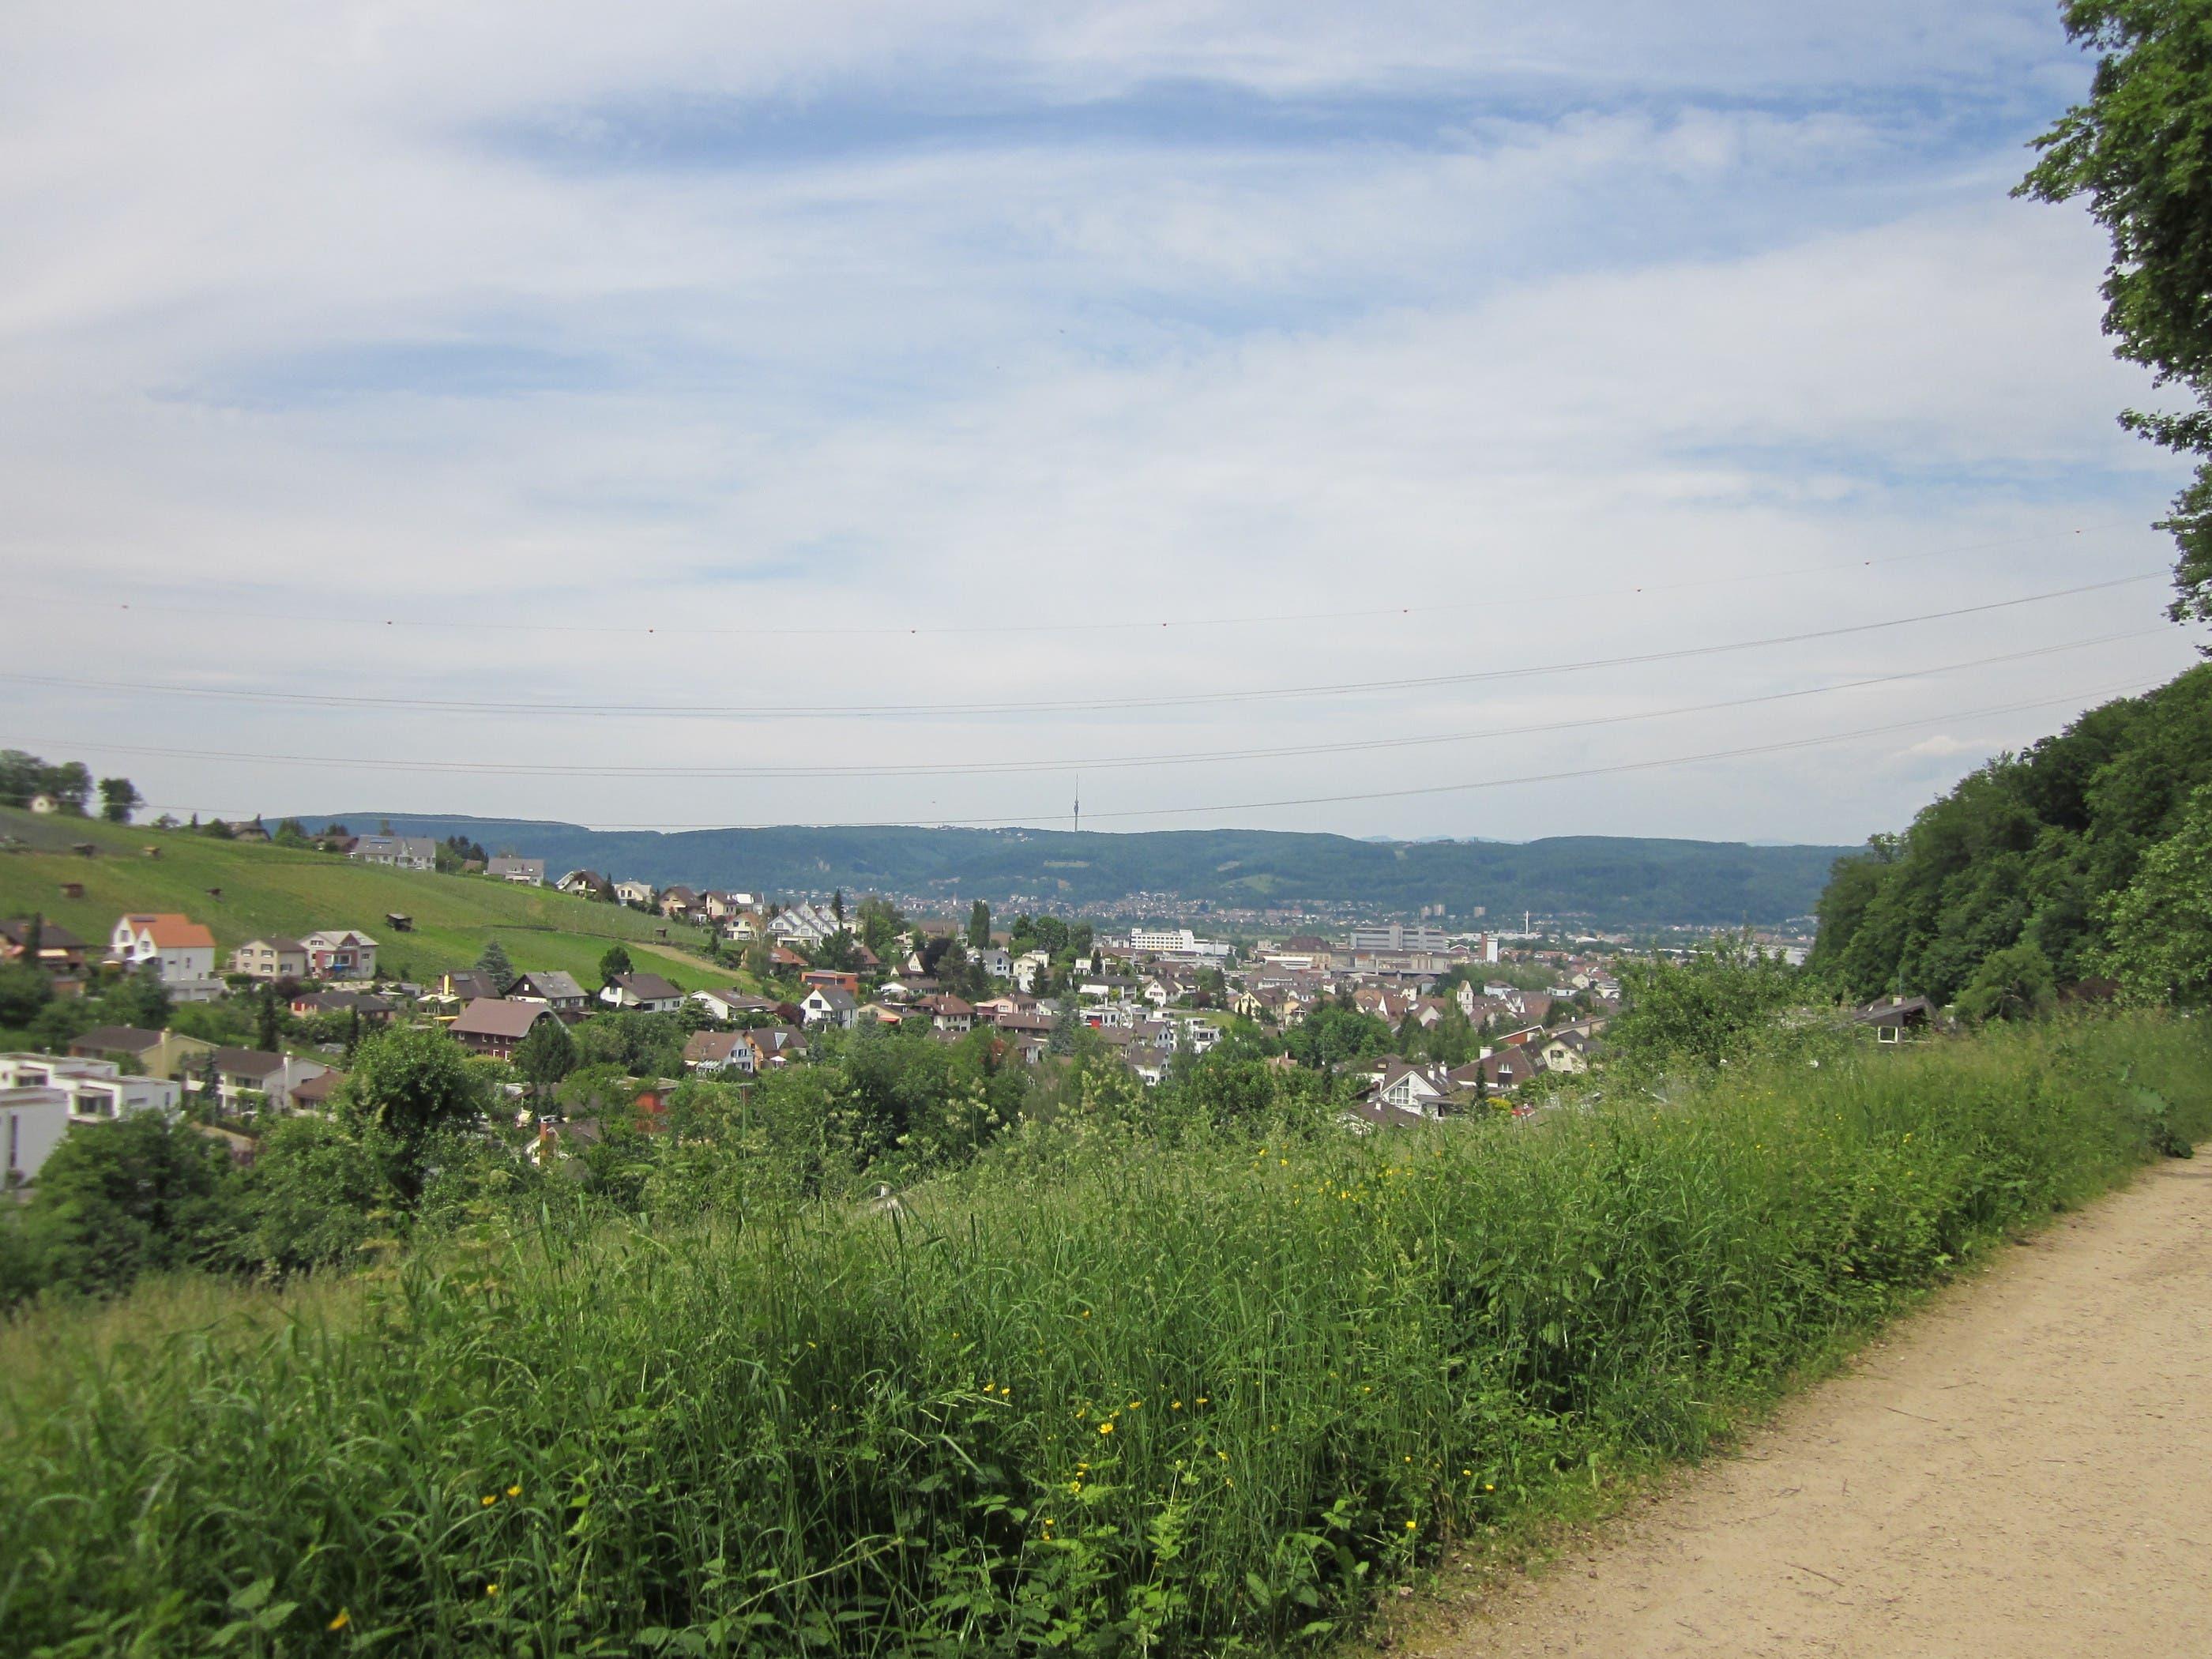 IMG_2160.JPG Blick auf Pratteln und den Fernsehturm Sankt Chrischona